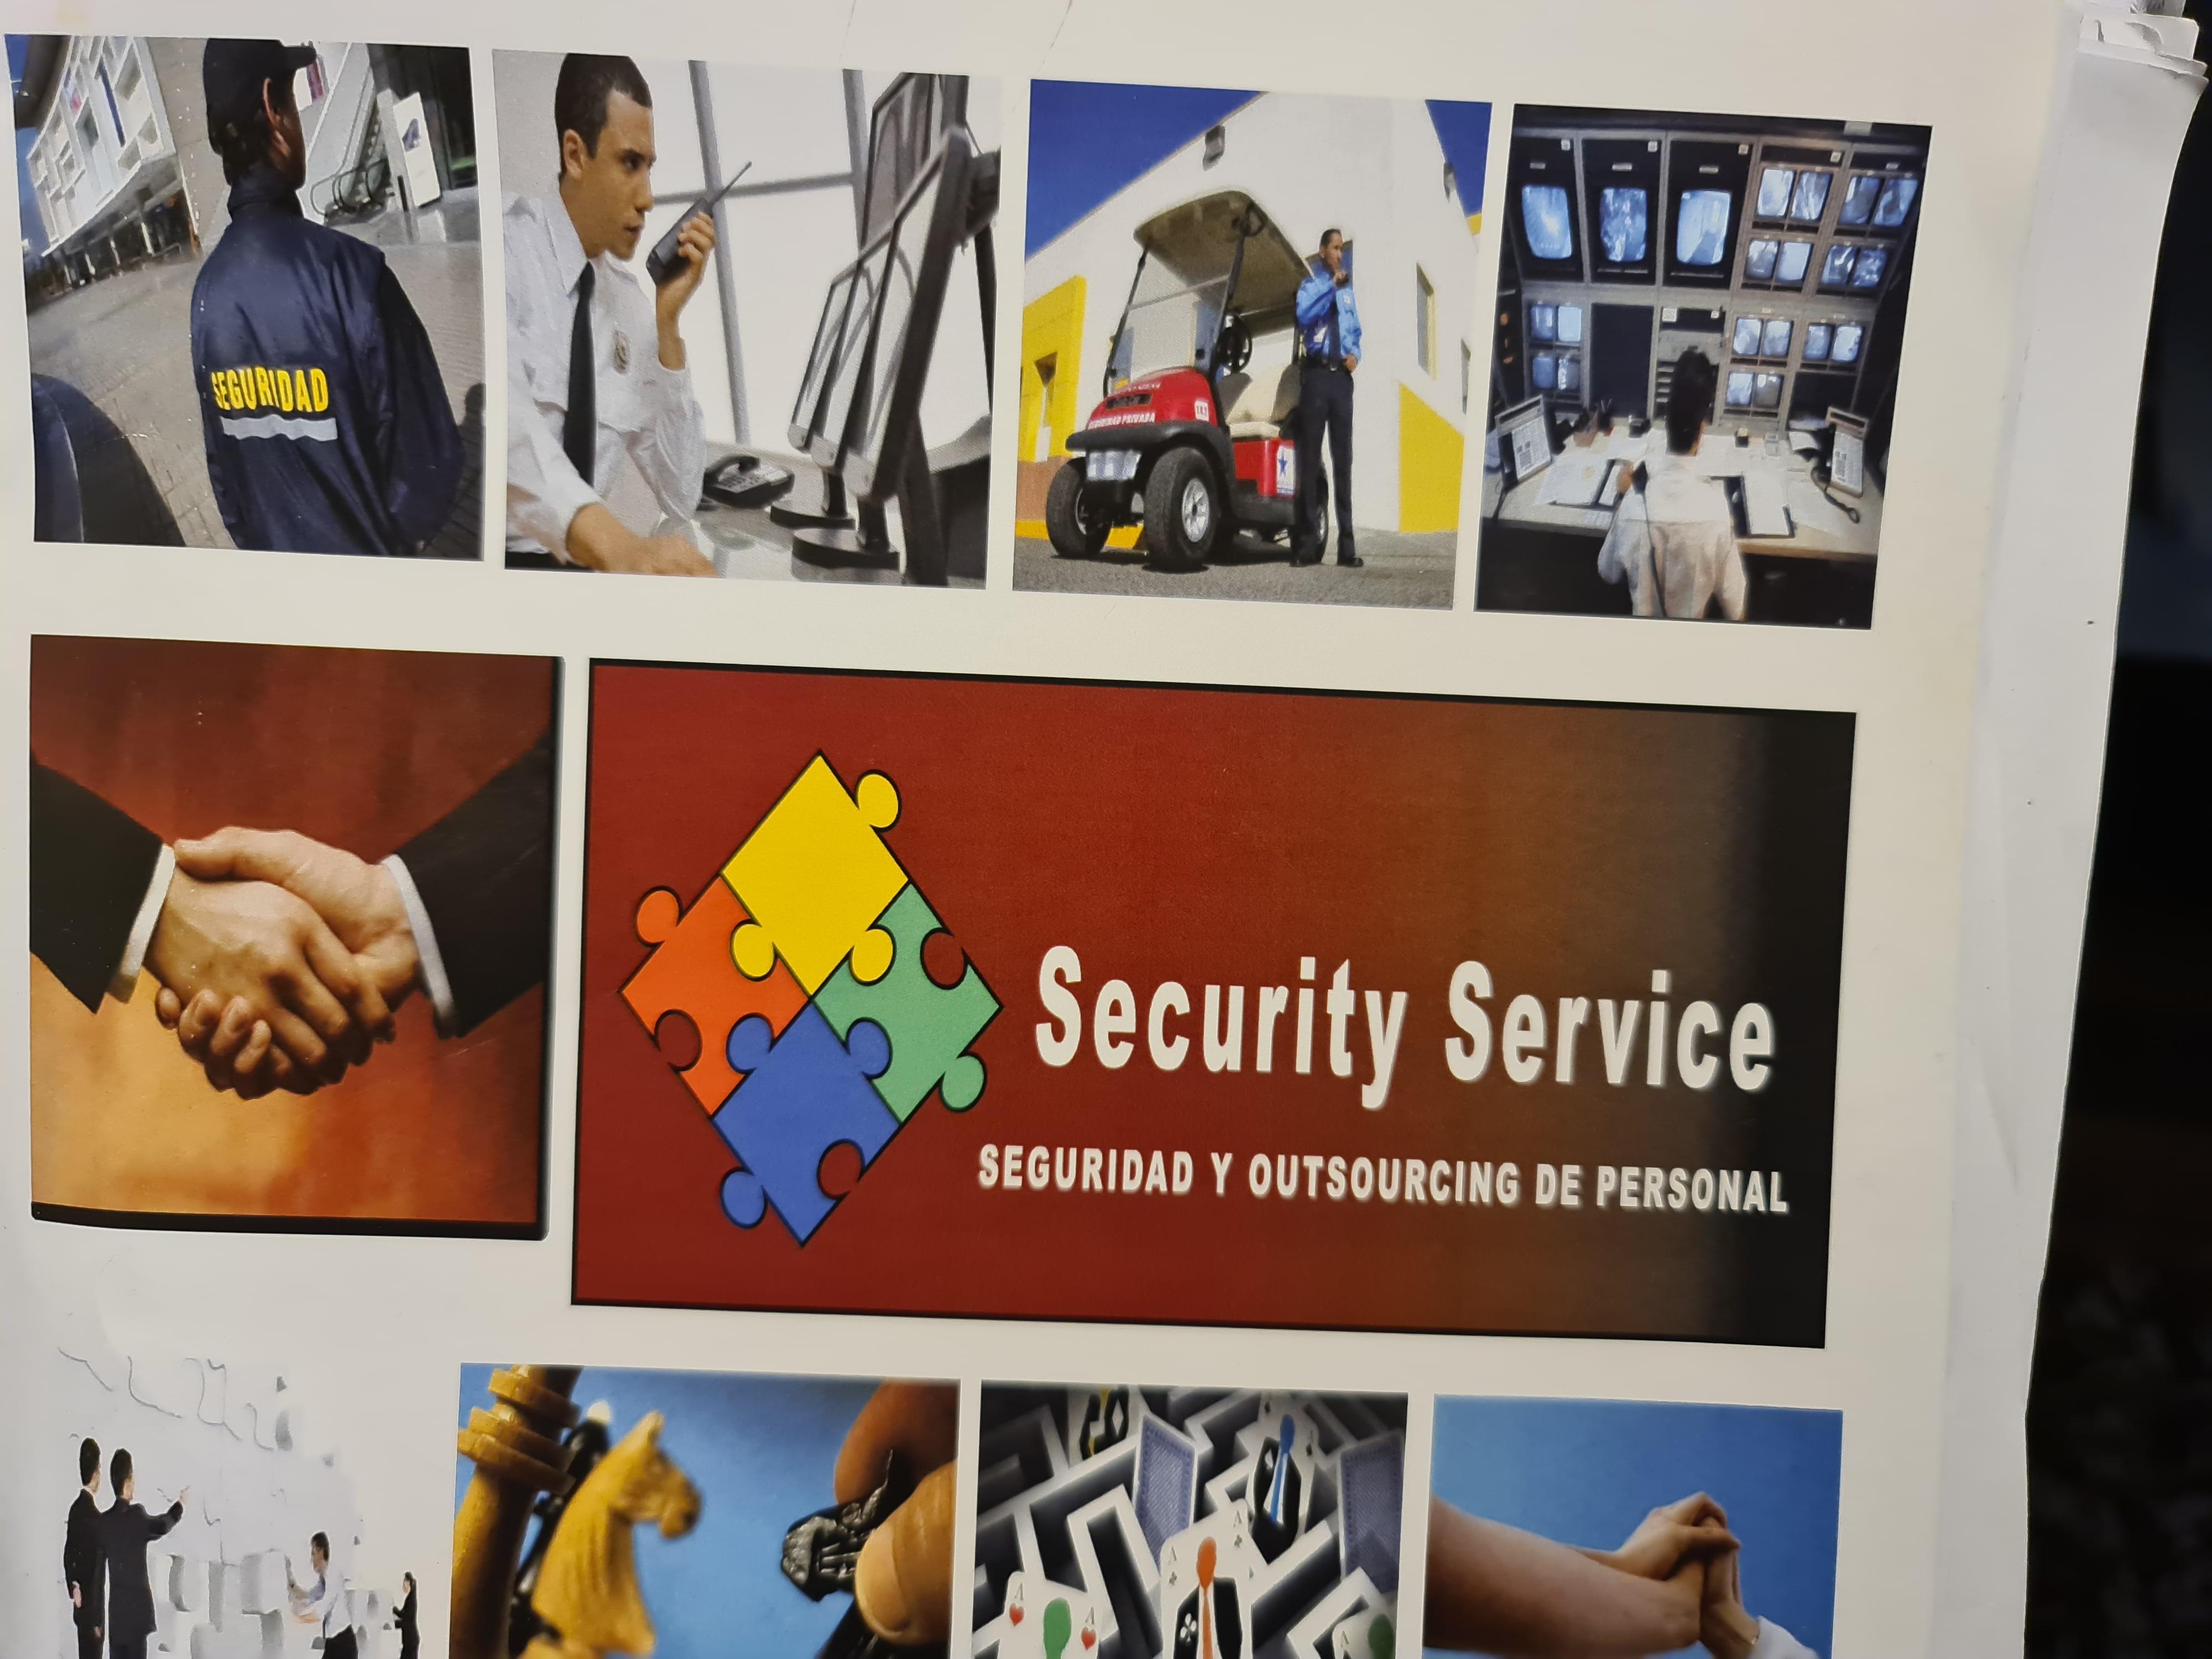 Empresas Desafio10x: Sociedad de Servicios Security Service Spa